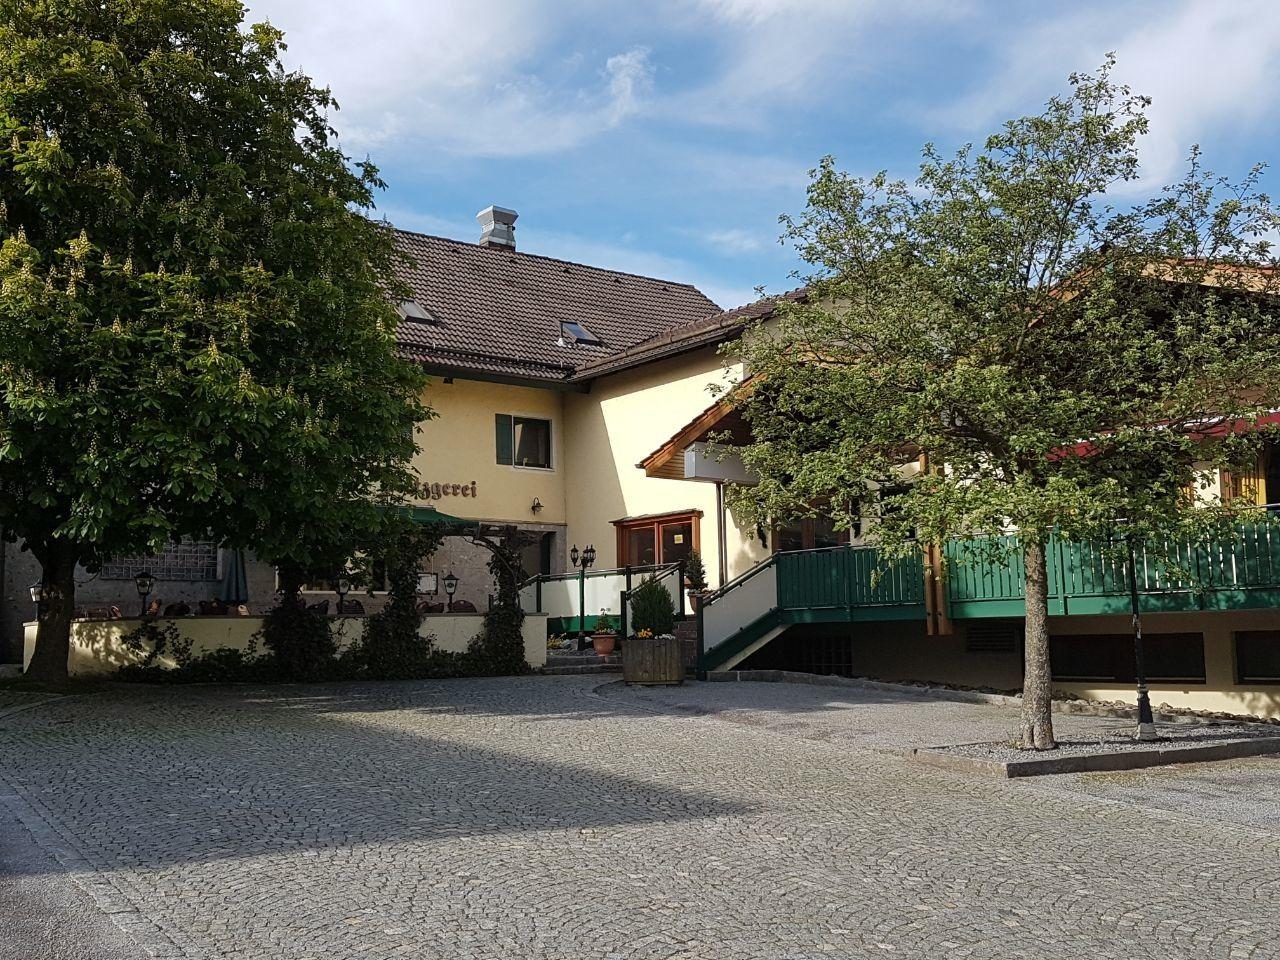 Gasthof Greindl 1 Bewertung Bogen In Niederbayern Degernbach Degernbach Golocal